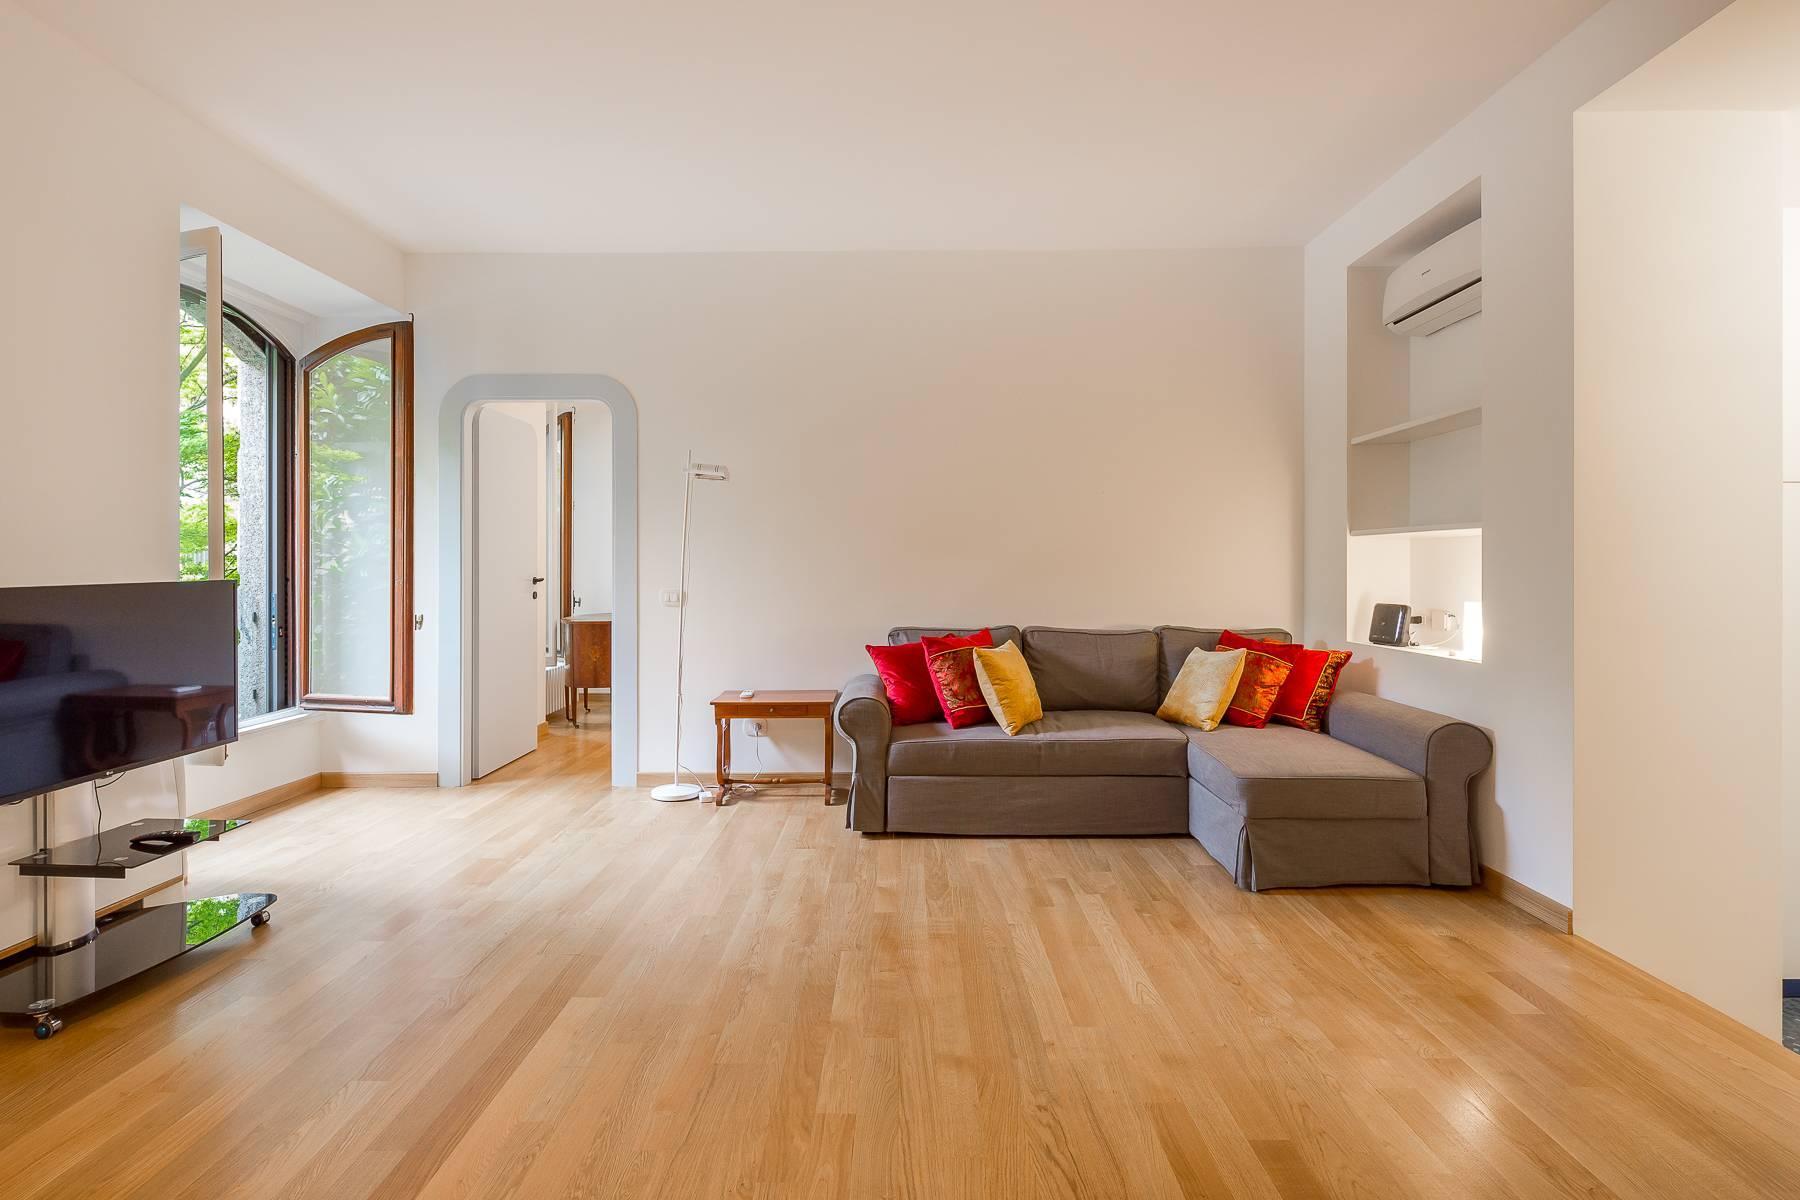 Renovierte Wohnung im eleganten antiken Gebäude - 7